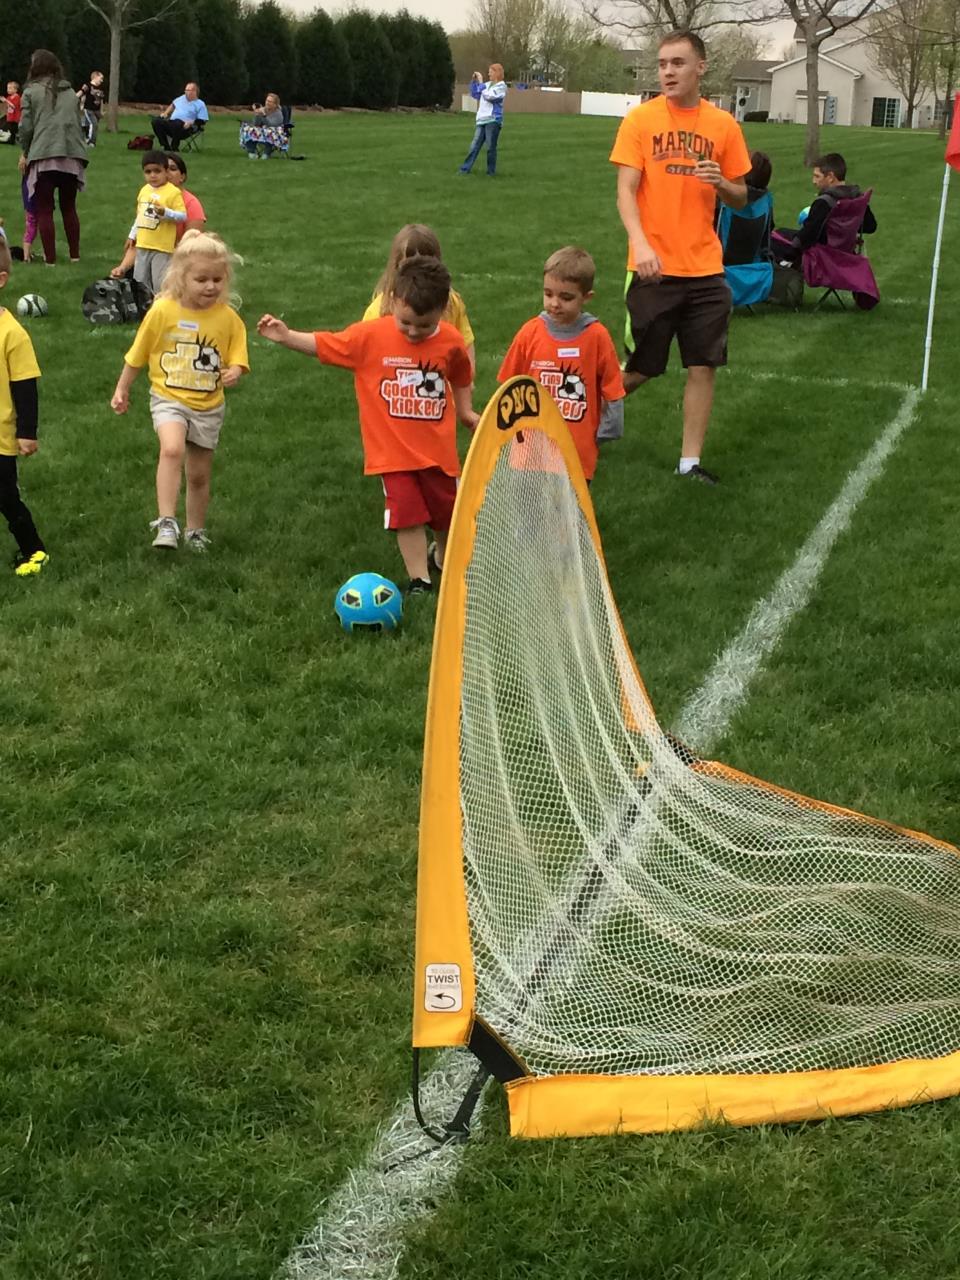 Tiny Goal Kickers 2017